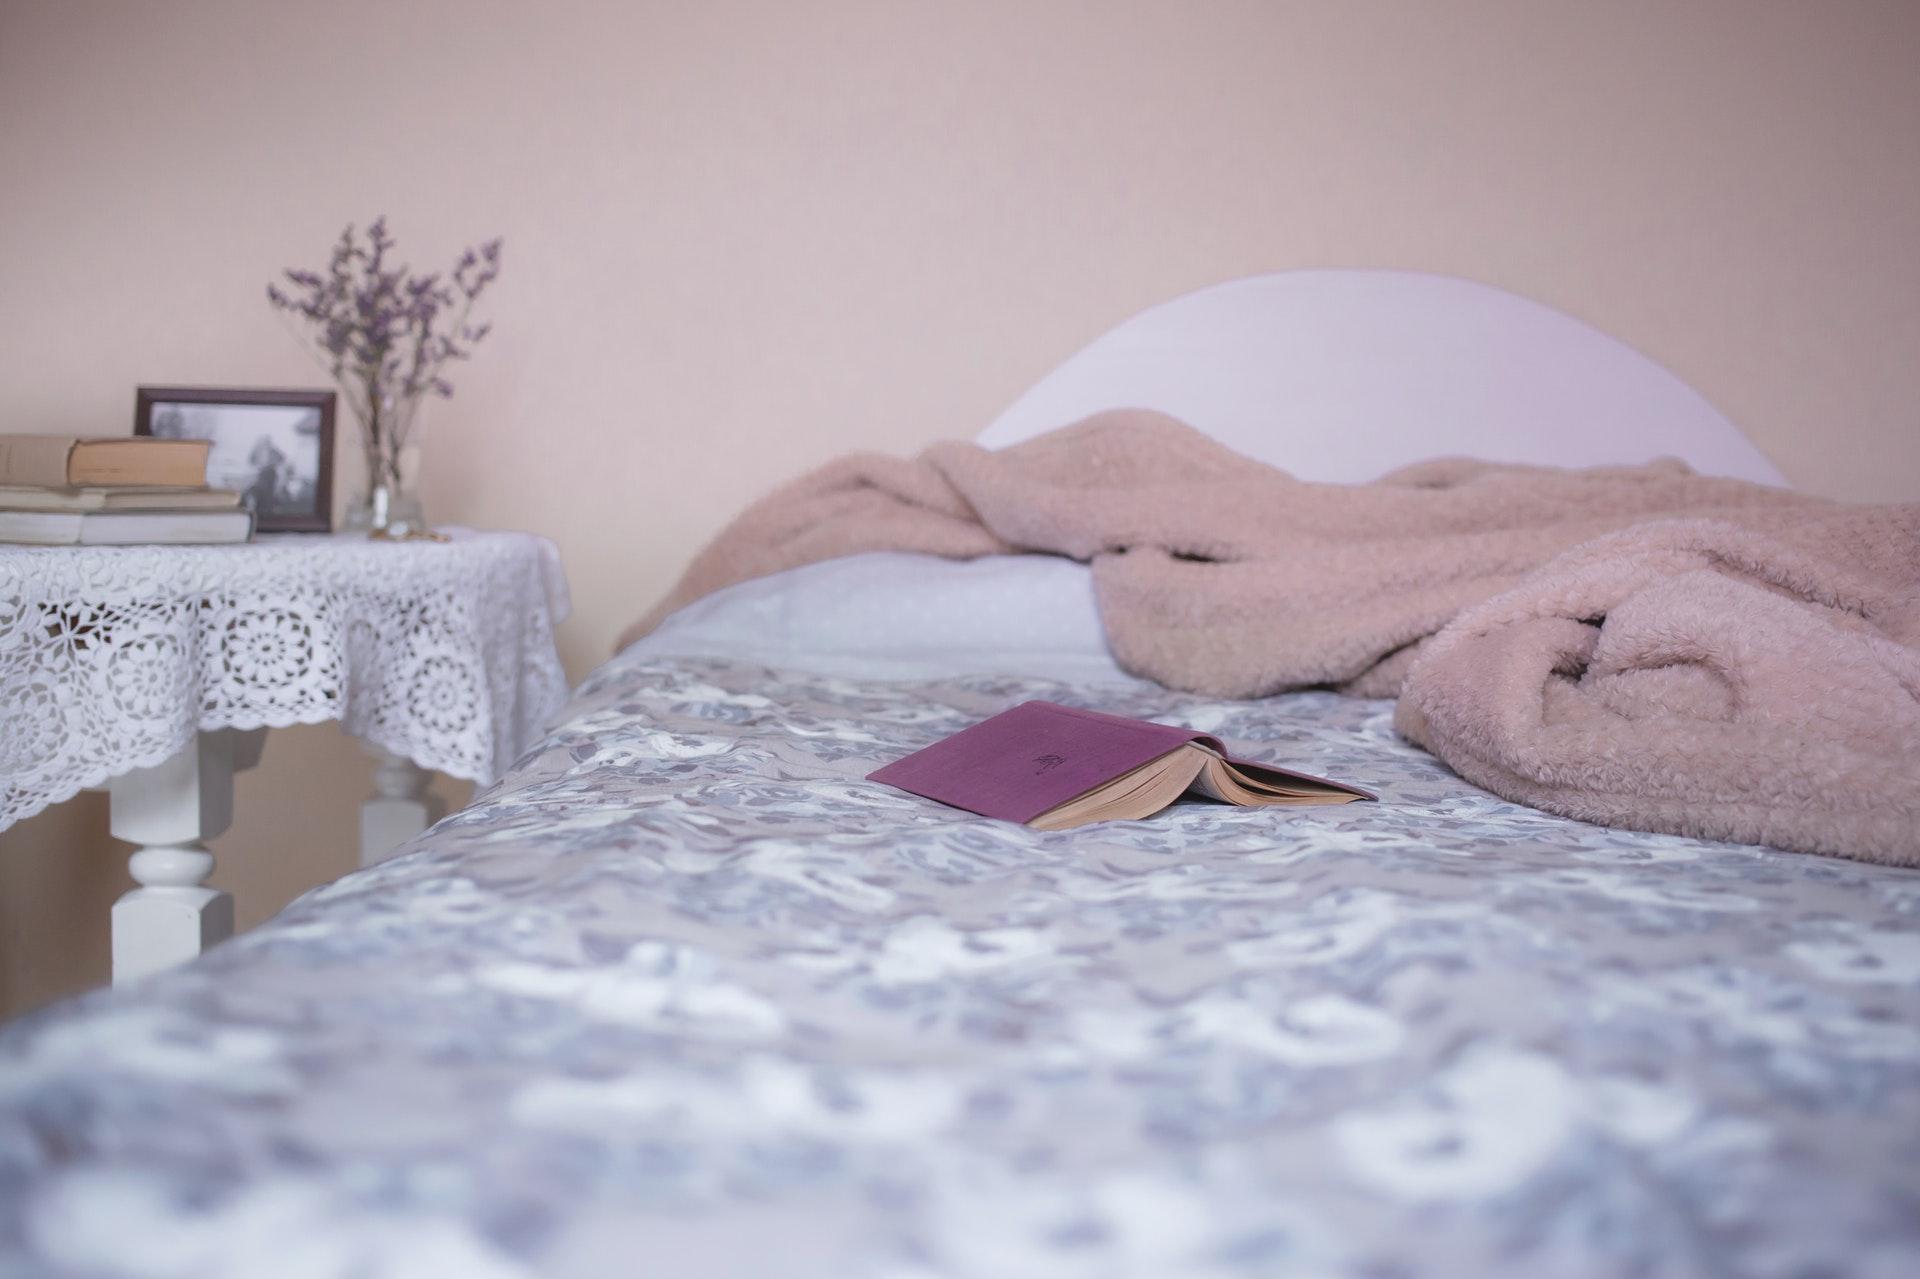 trouver le sommeil quand on est insomniaque